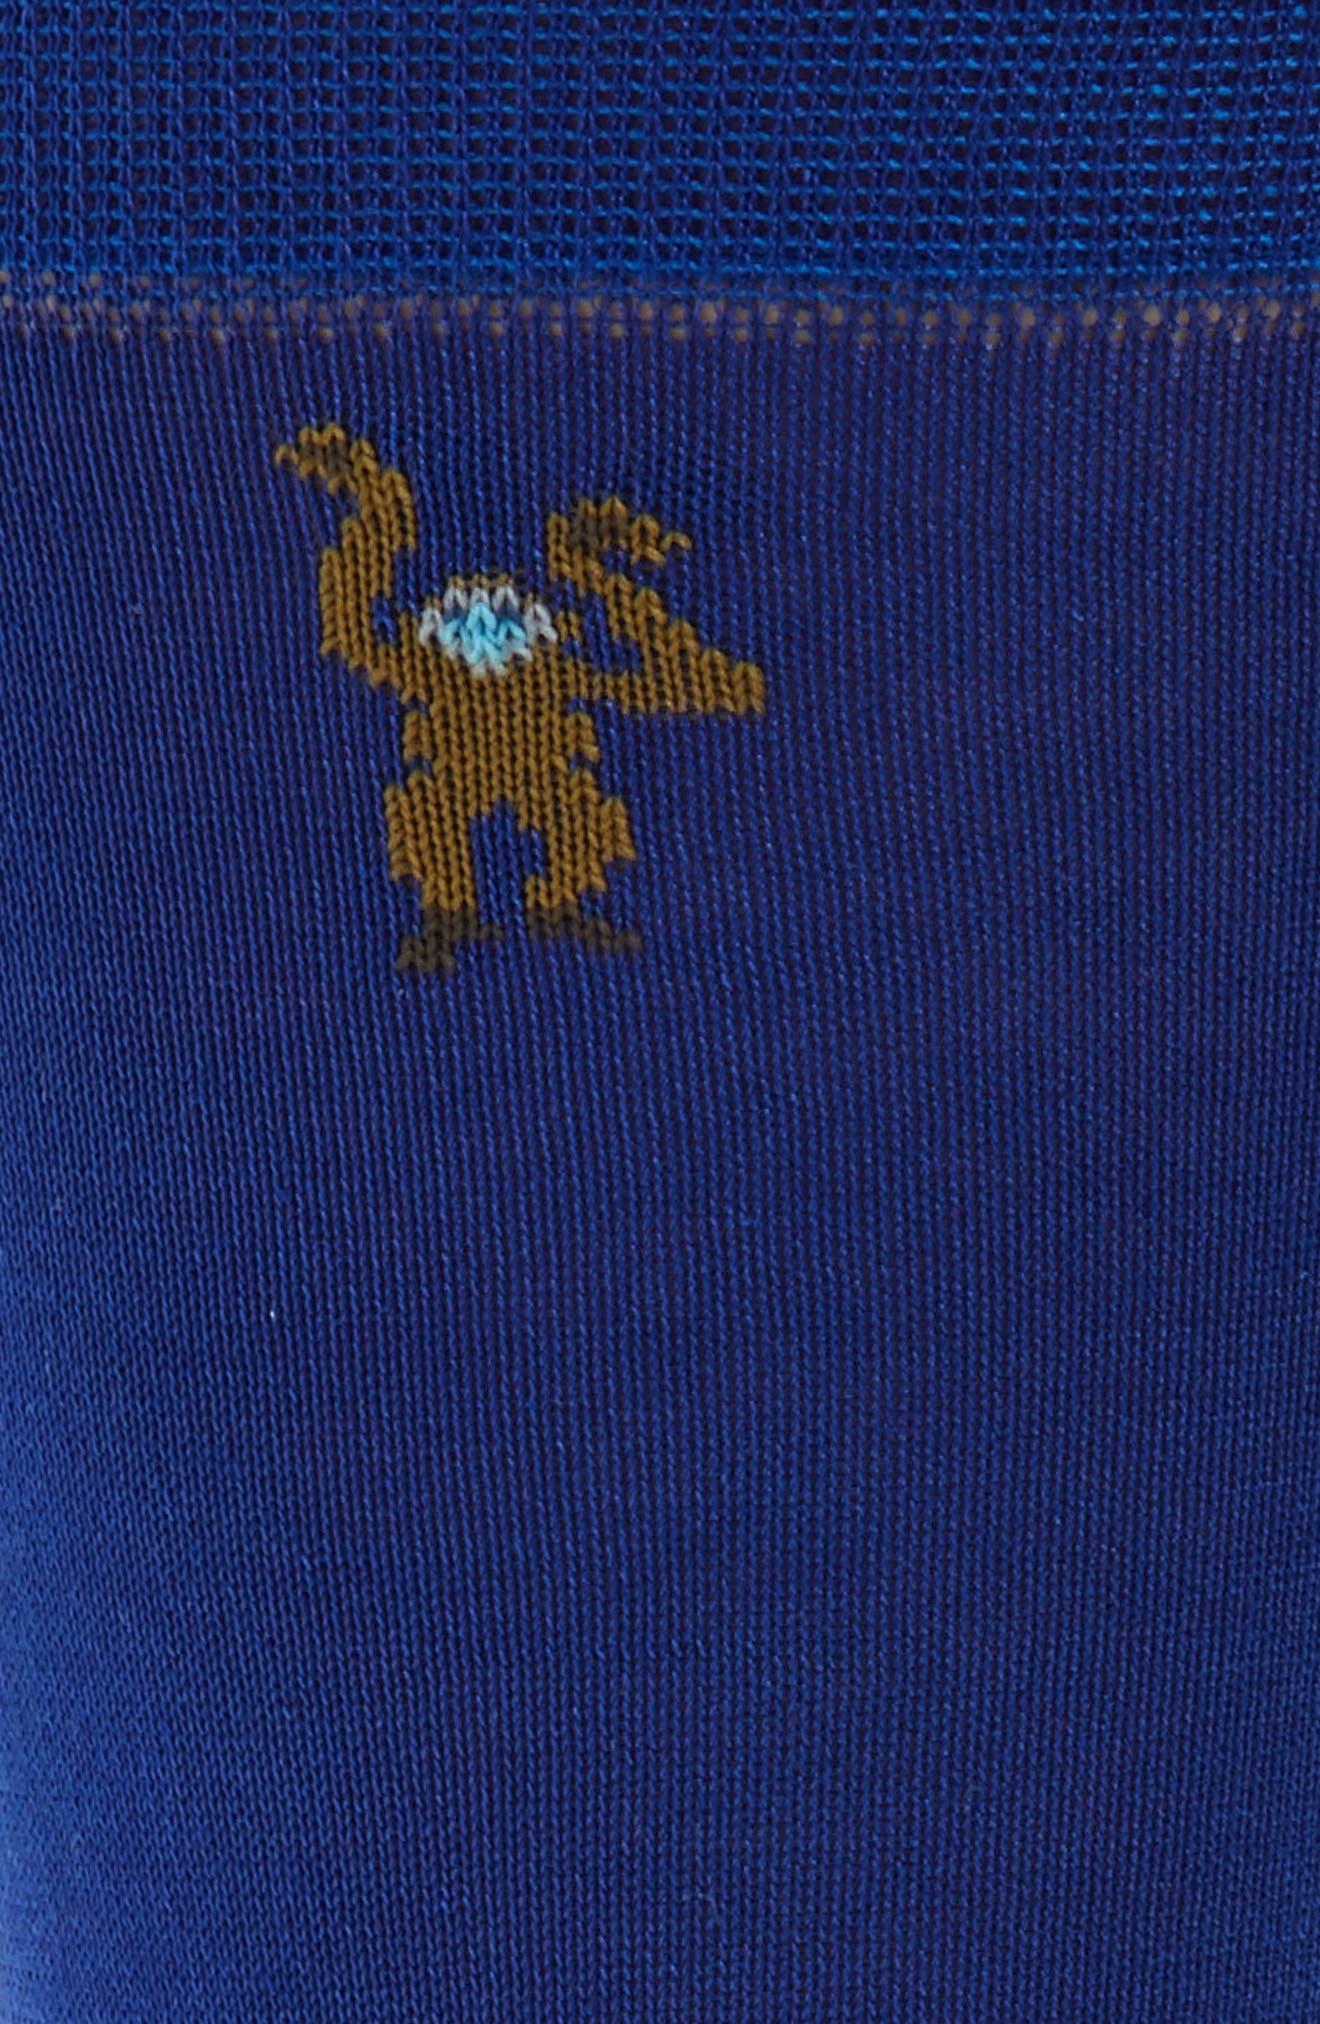 Monkey Socks,                             Alternate thumbnail 2, color,                             Dark Blue